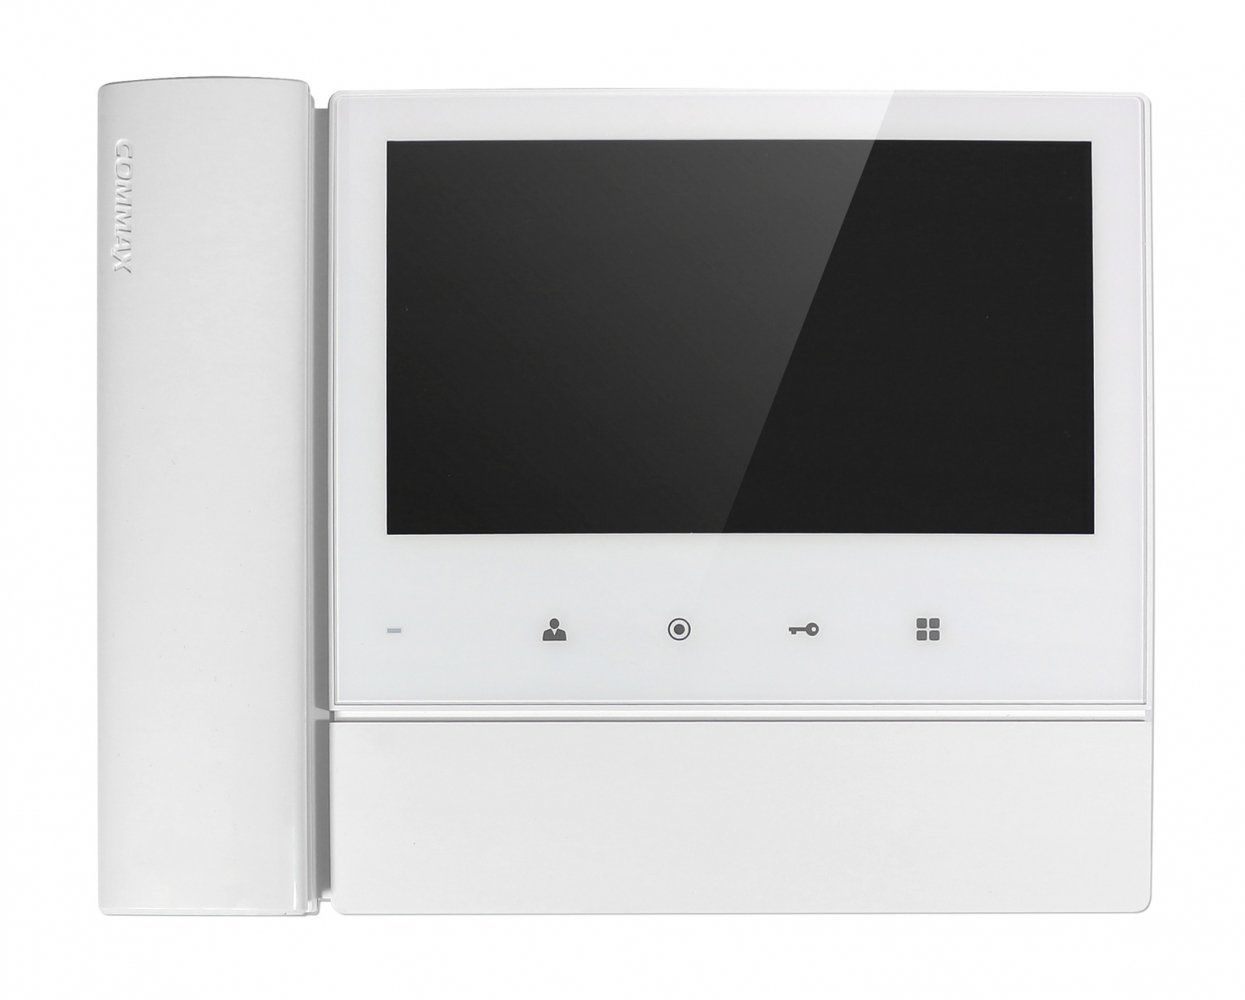 Commax CDV-70N